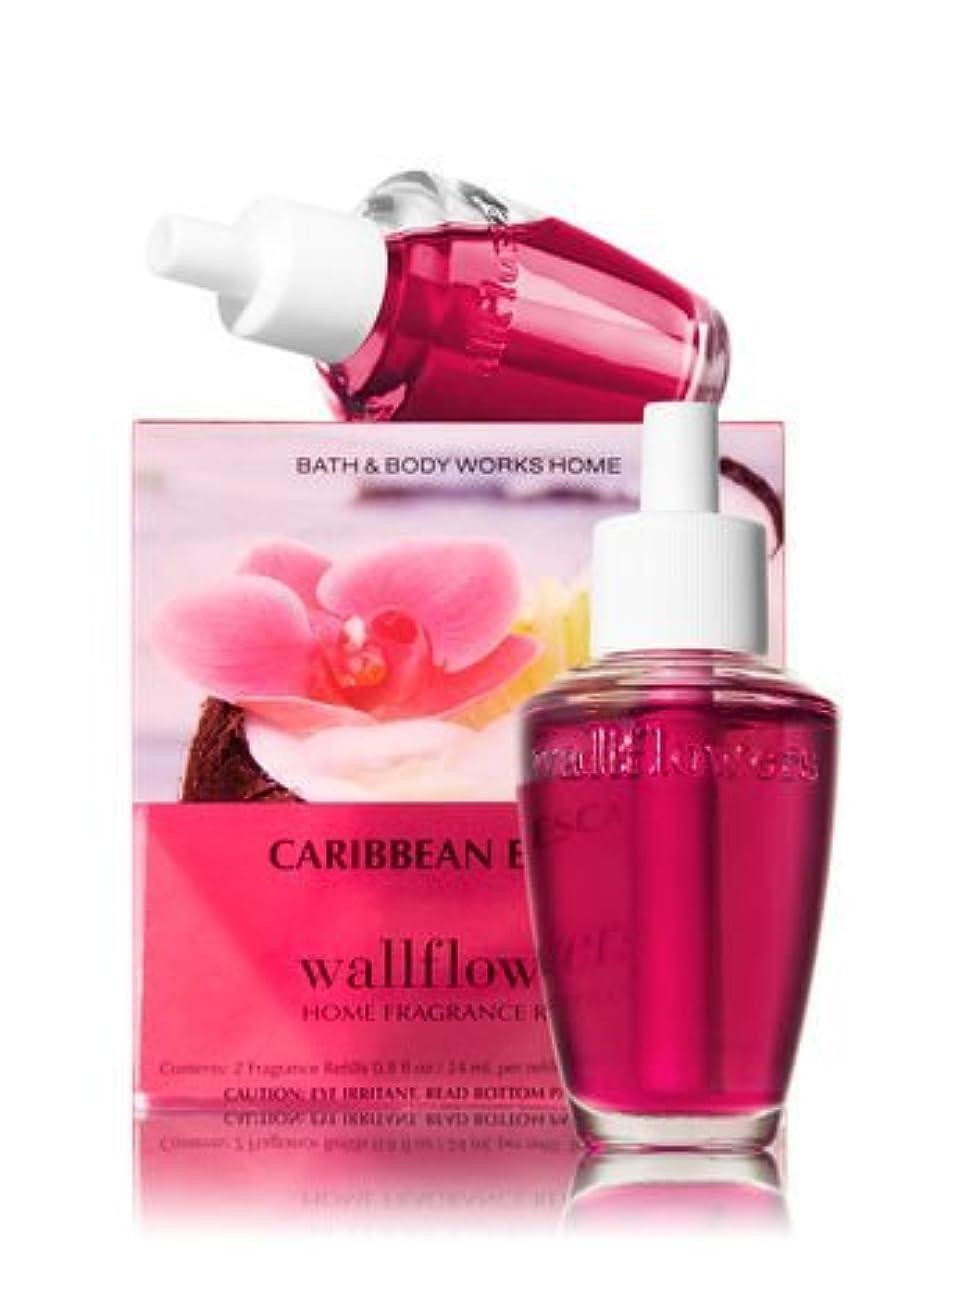 くつろぎ太いスポット【Bath&Body Works/バス&ボディワークス】 ホームフレグランス 詰替えリフィル(2個入り) カリビアンエスケープ Wallflowers Home Fragrance 2-Pack Refills Caribbean Escape [並行輸入品]